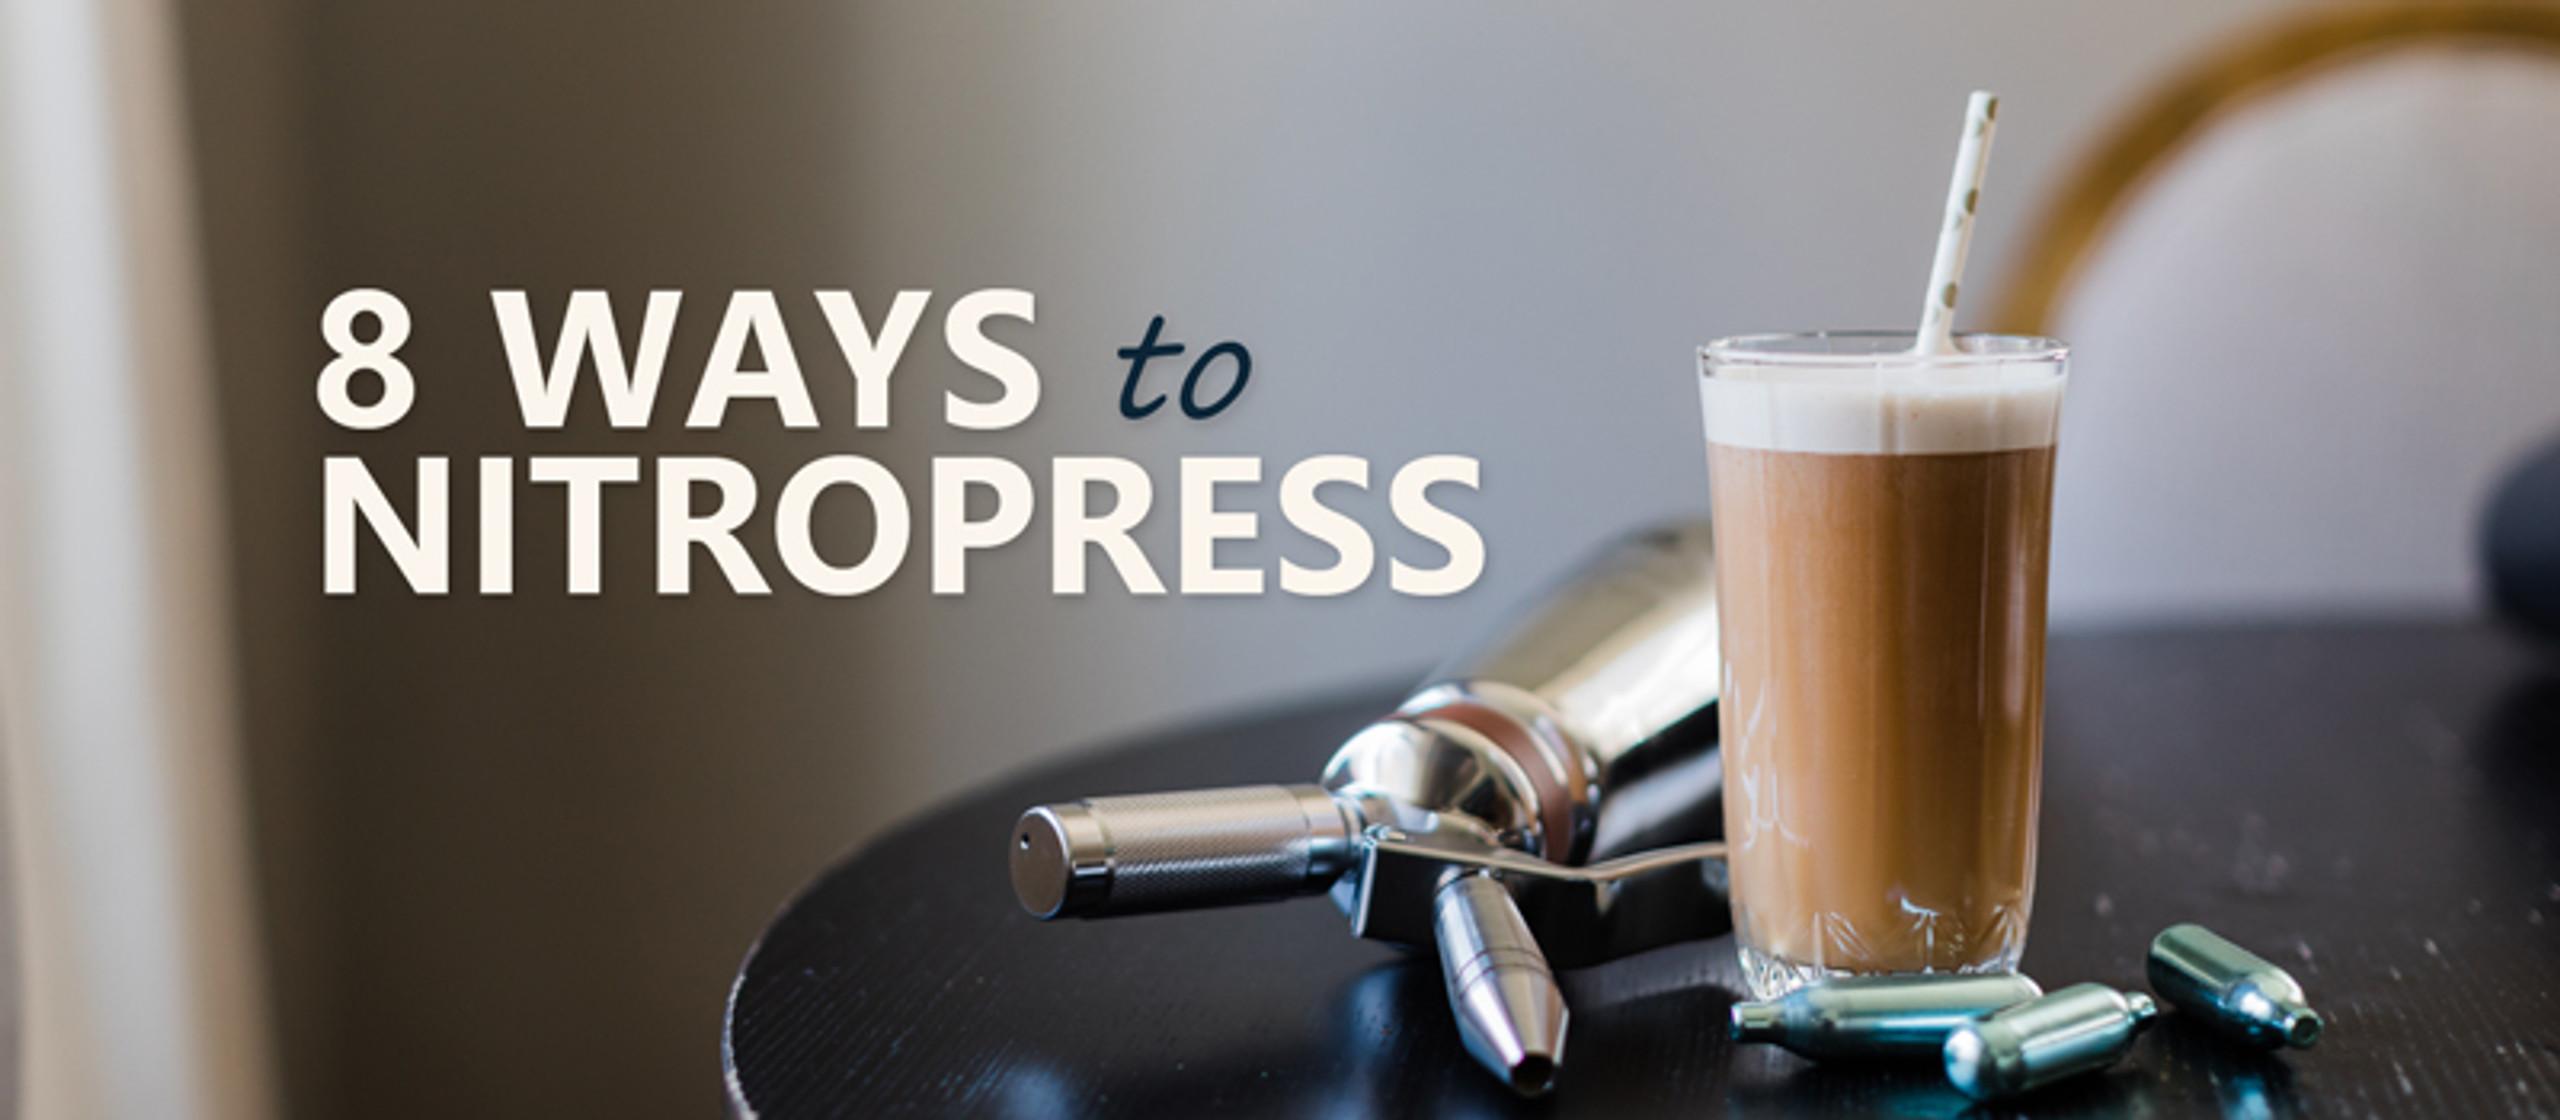 Eight ways to Nitropress